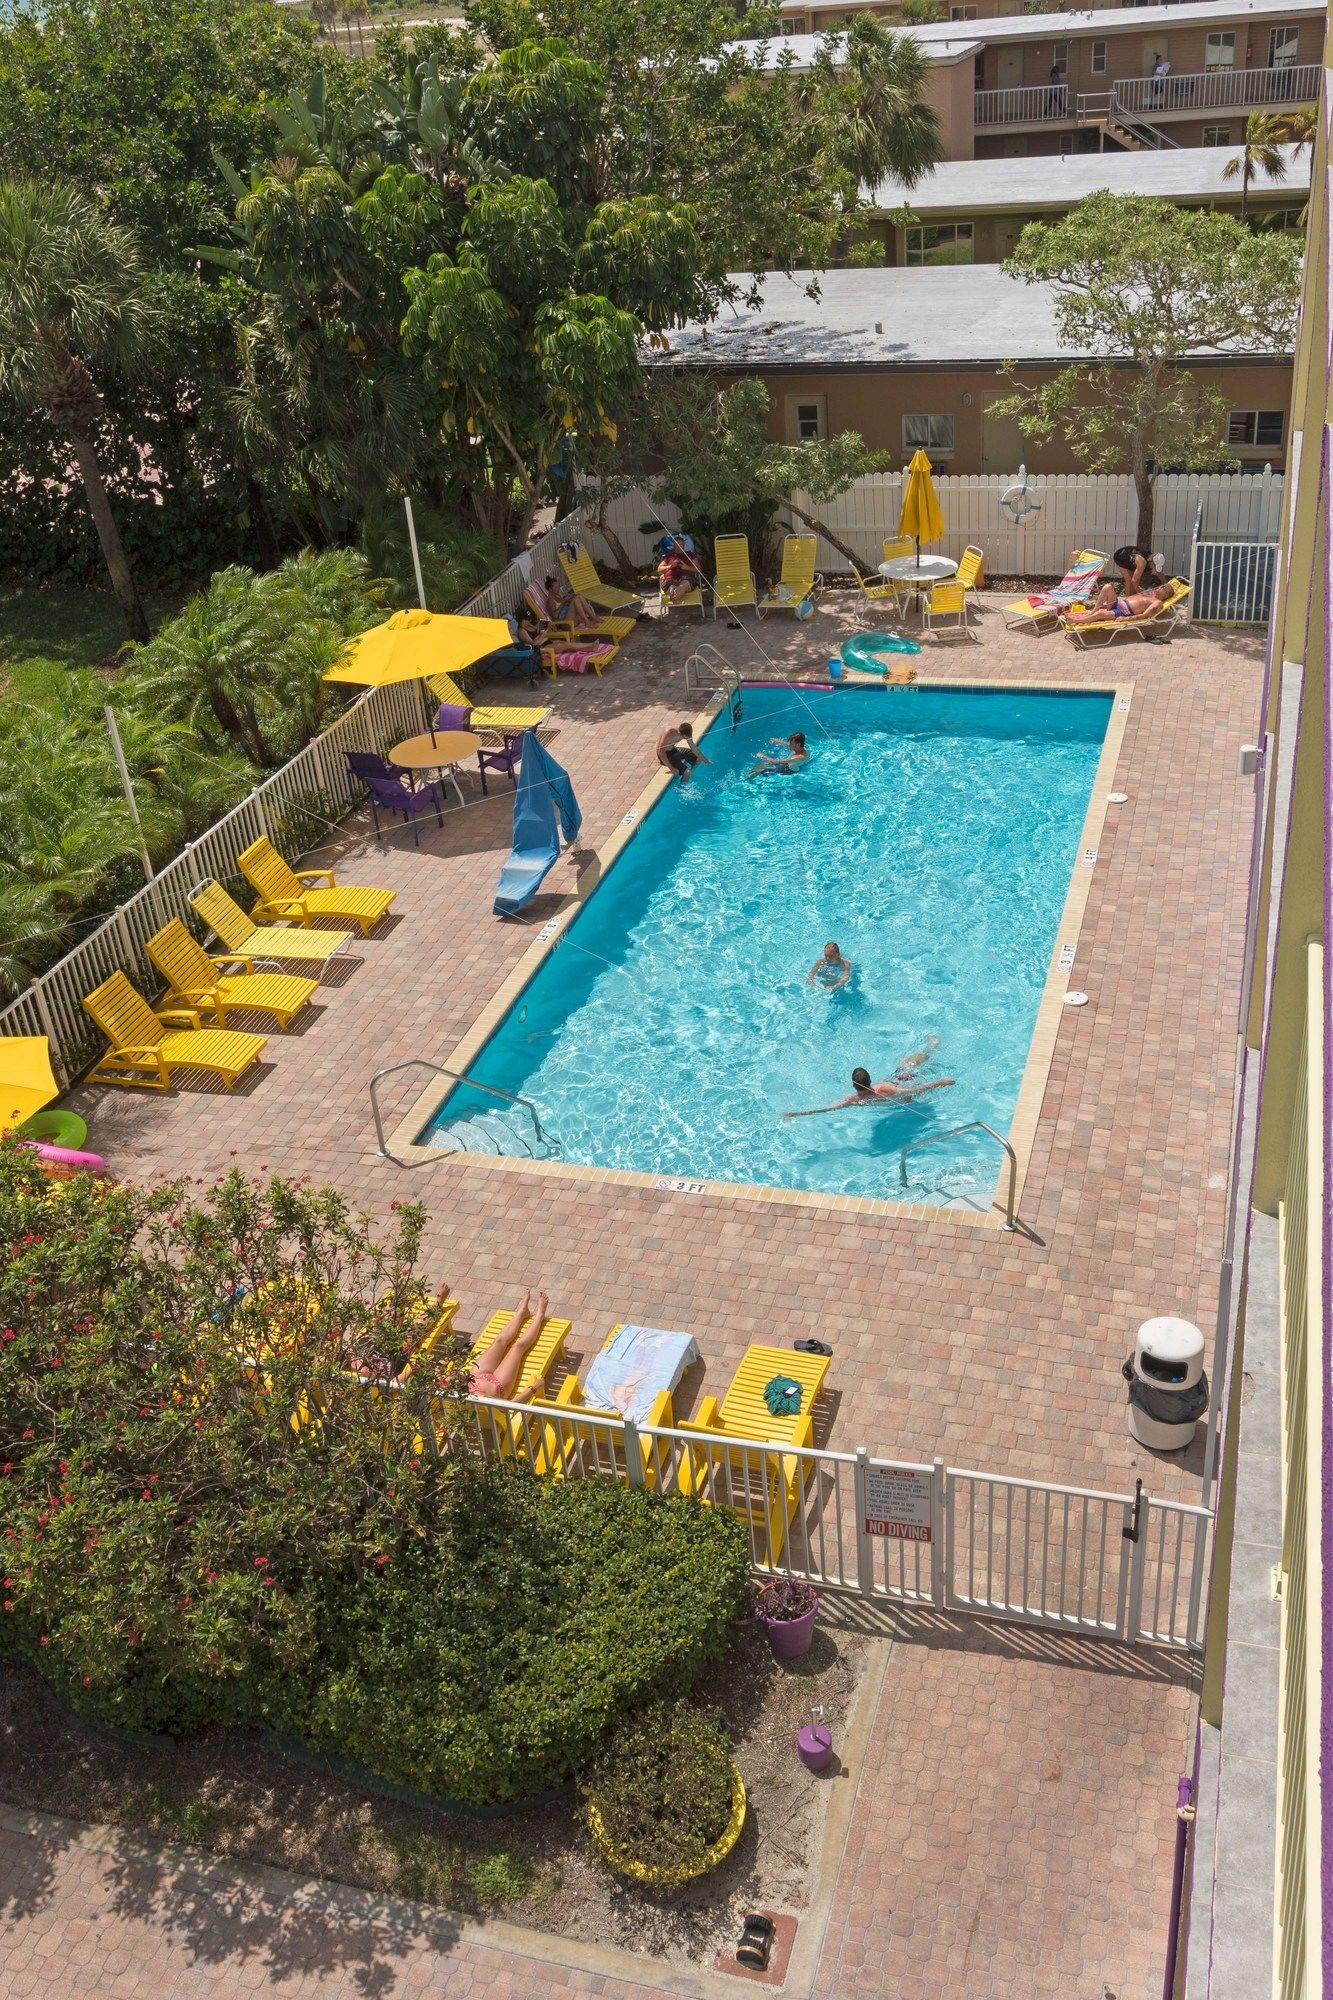 South Beach Condo Hotel in Treasure Island, FL